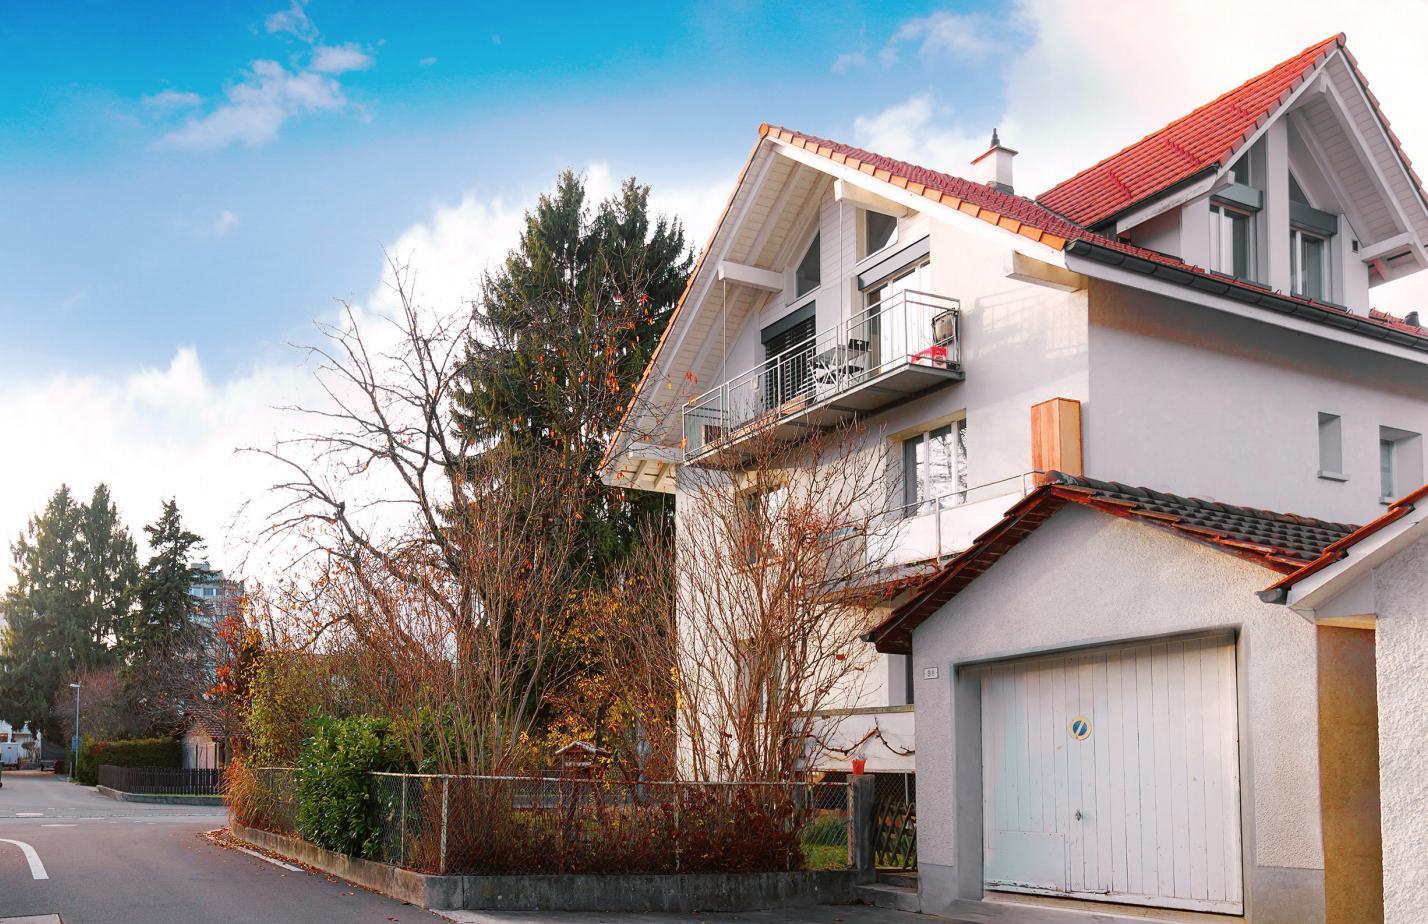 Für seine Bauprojekte sucht Bächtold immer wieder Ortsteile und Strassen mit grossem Entwicklungspotenzial.